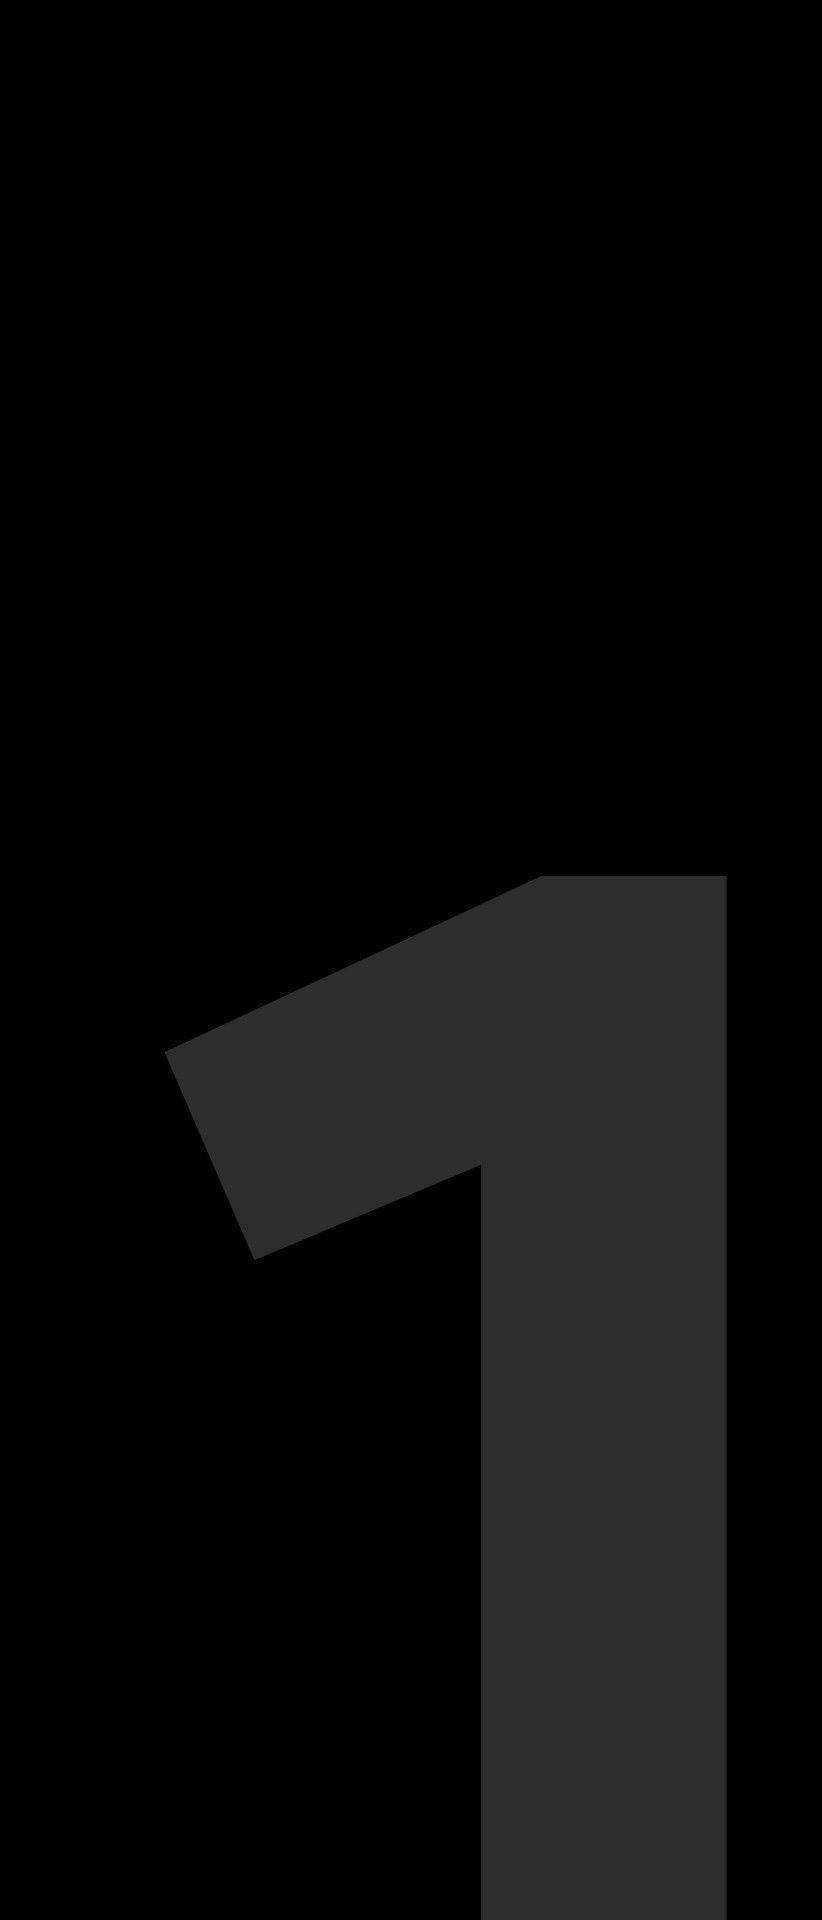 1 Black 21 9 壁紙 スマートフォン